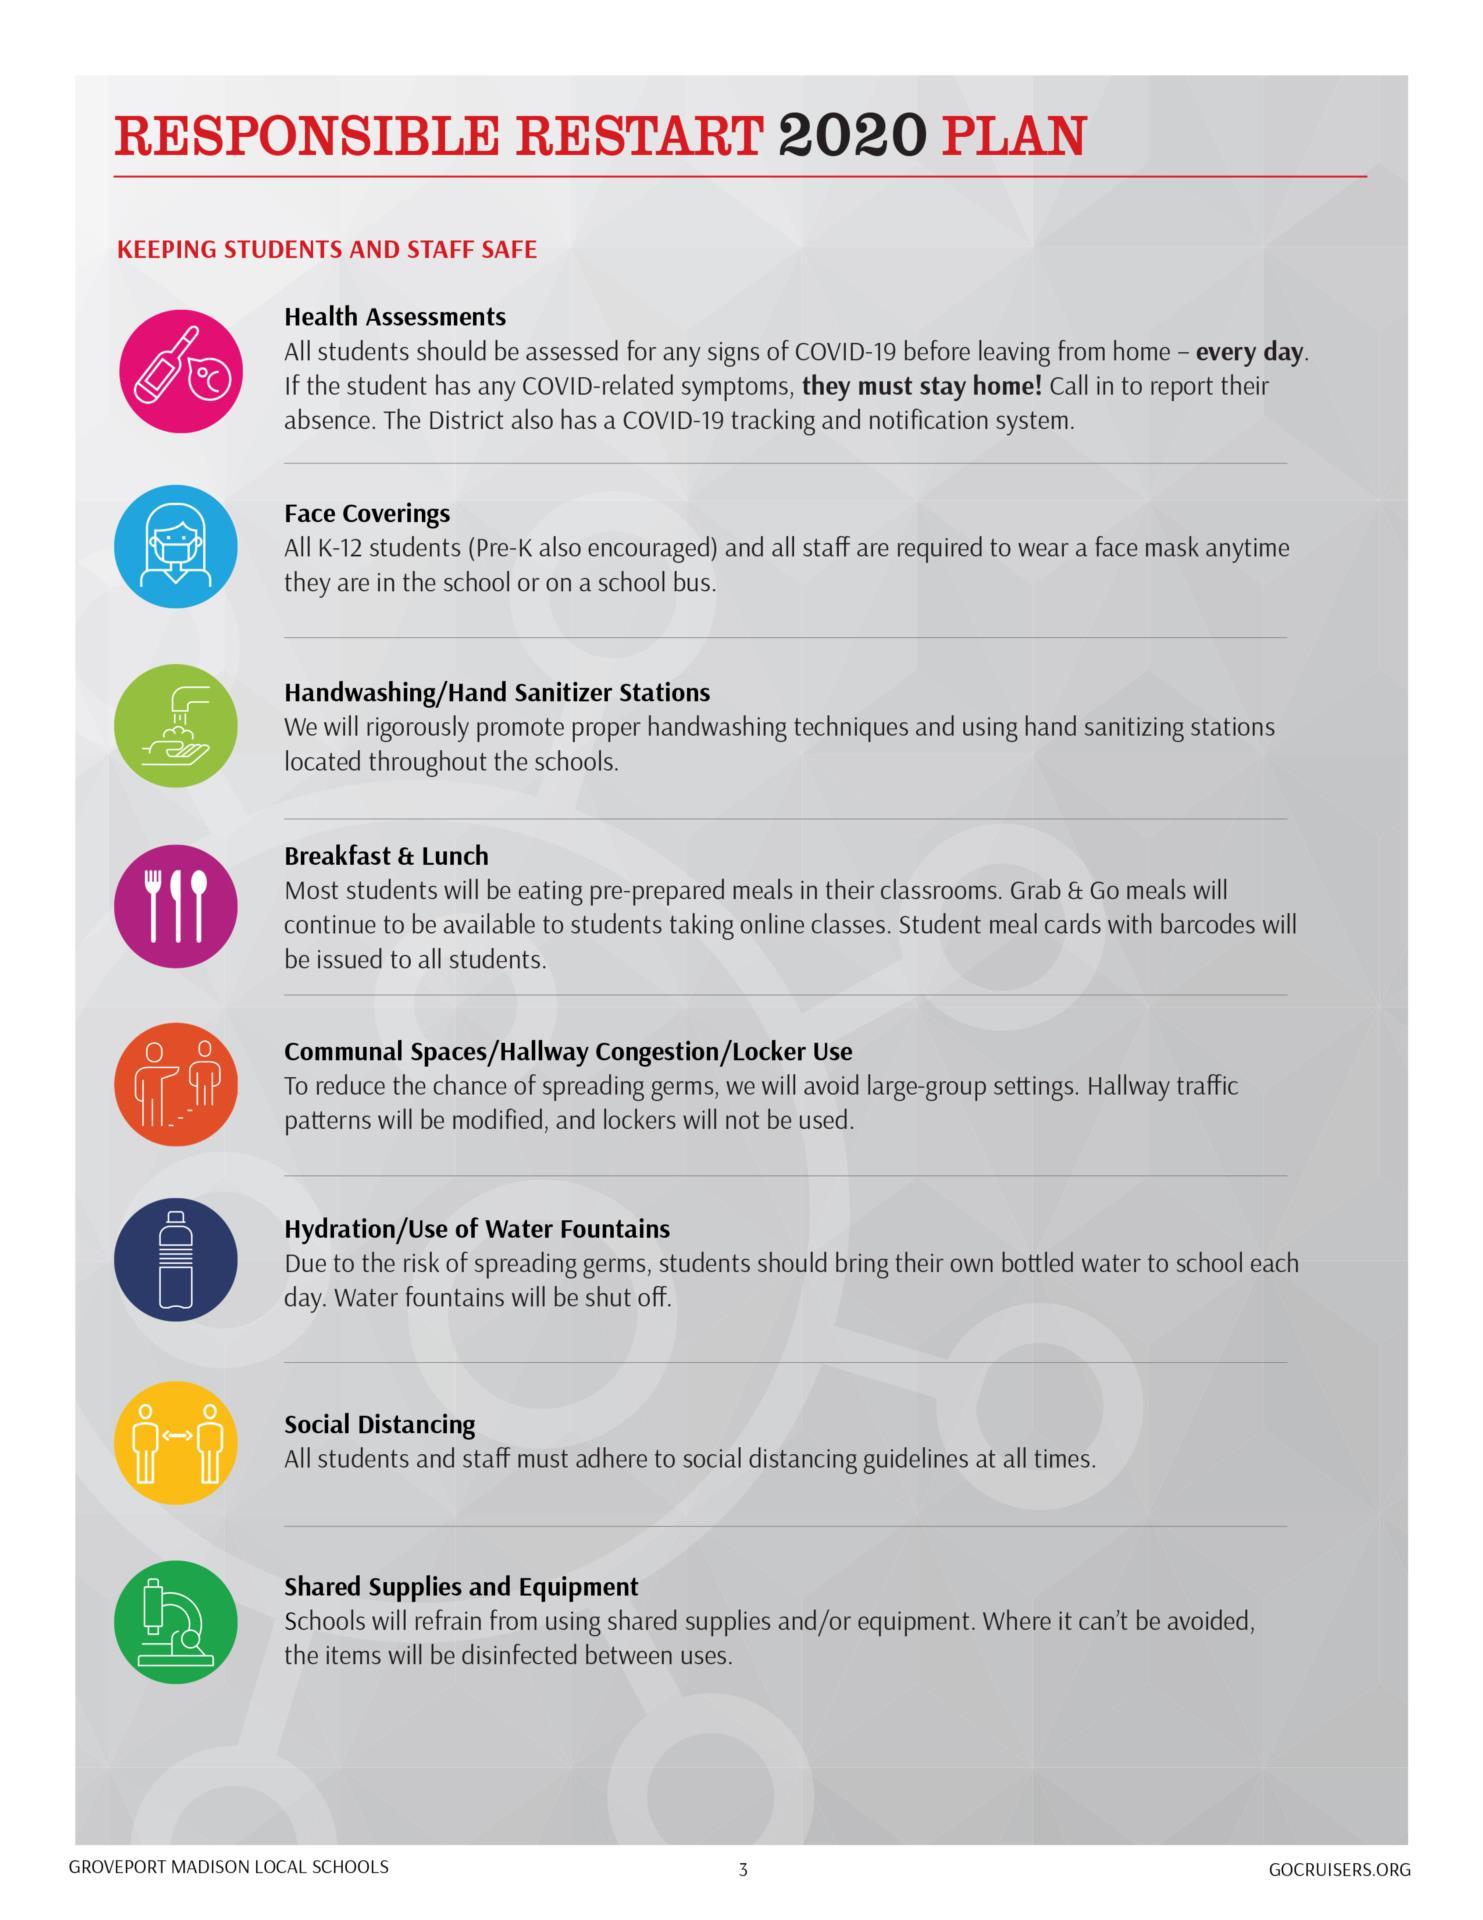 Responsible Restart 2020 Plan page 3